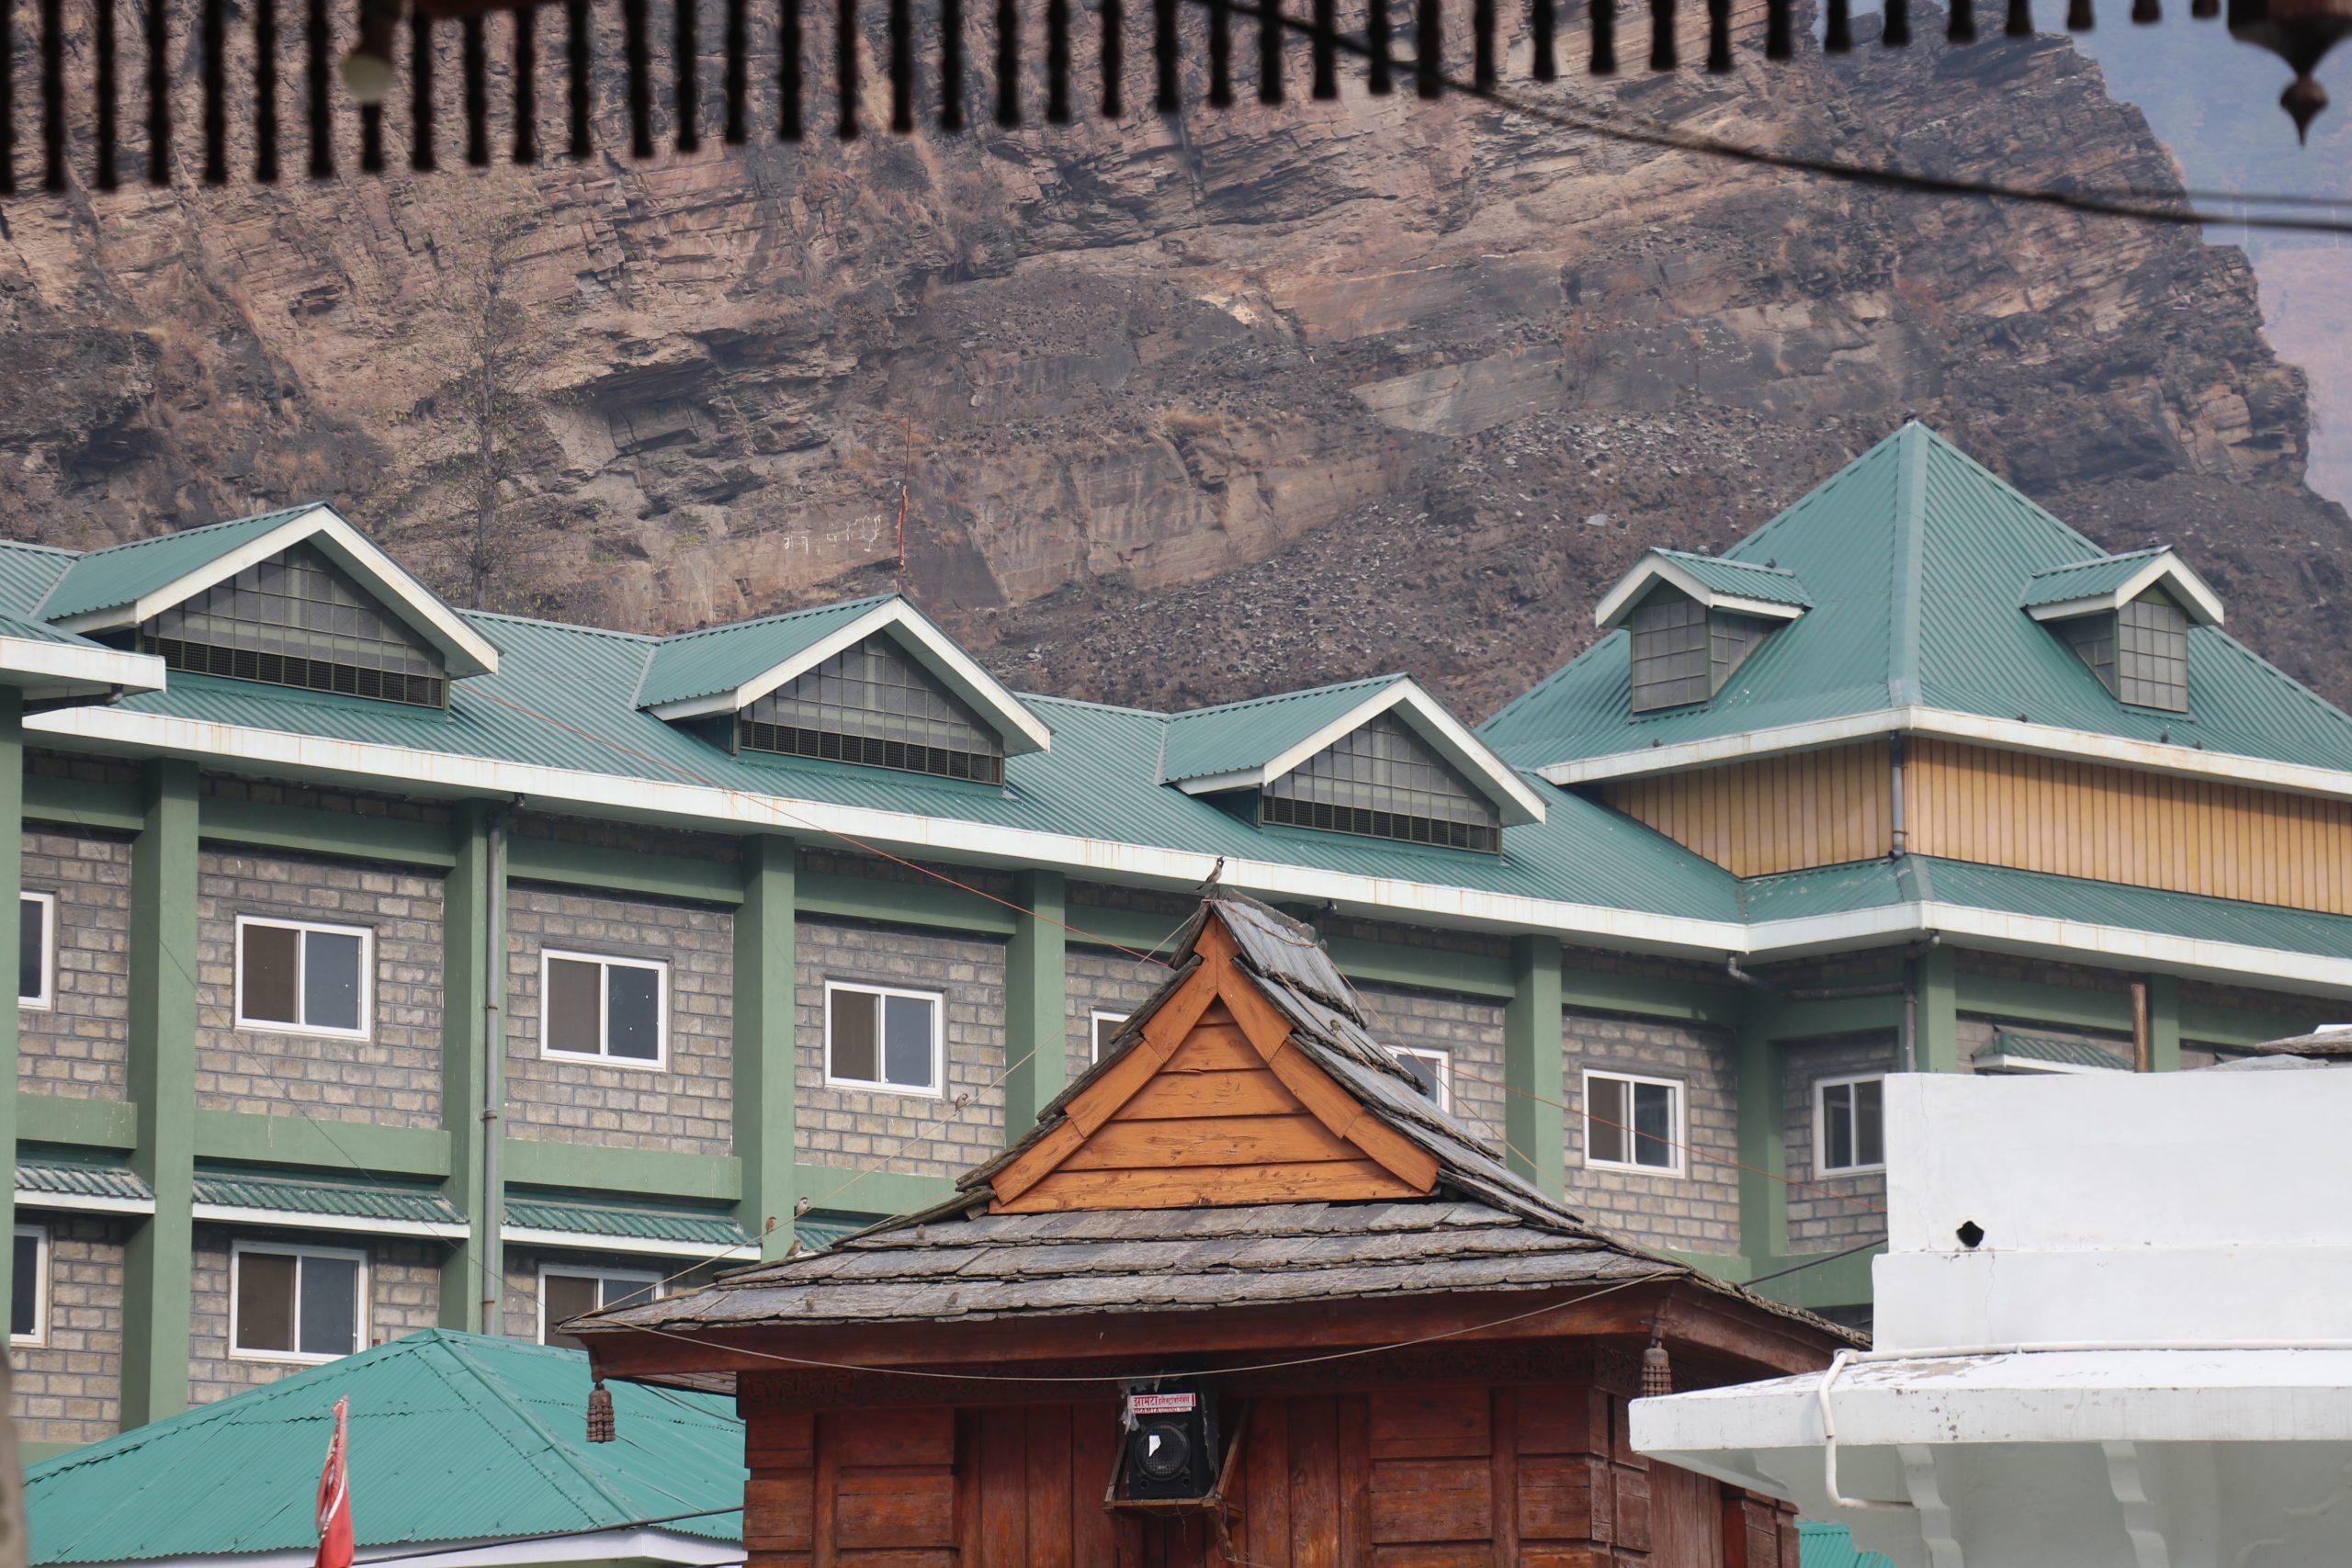 Restaurant in hills